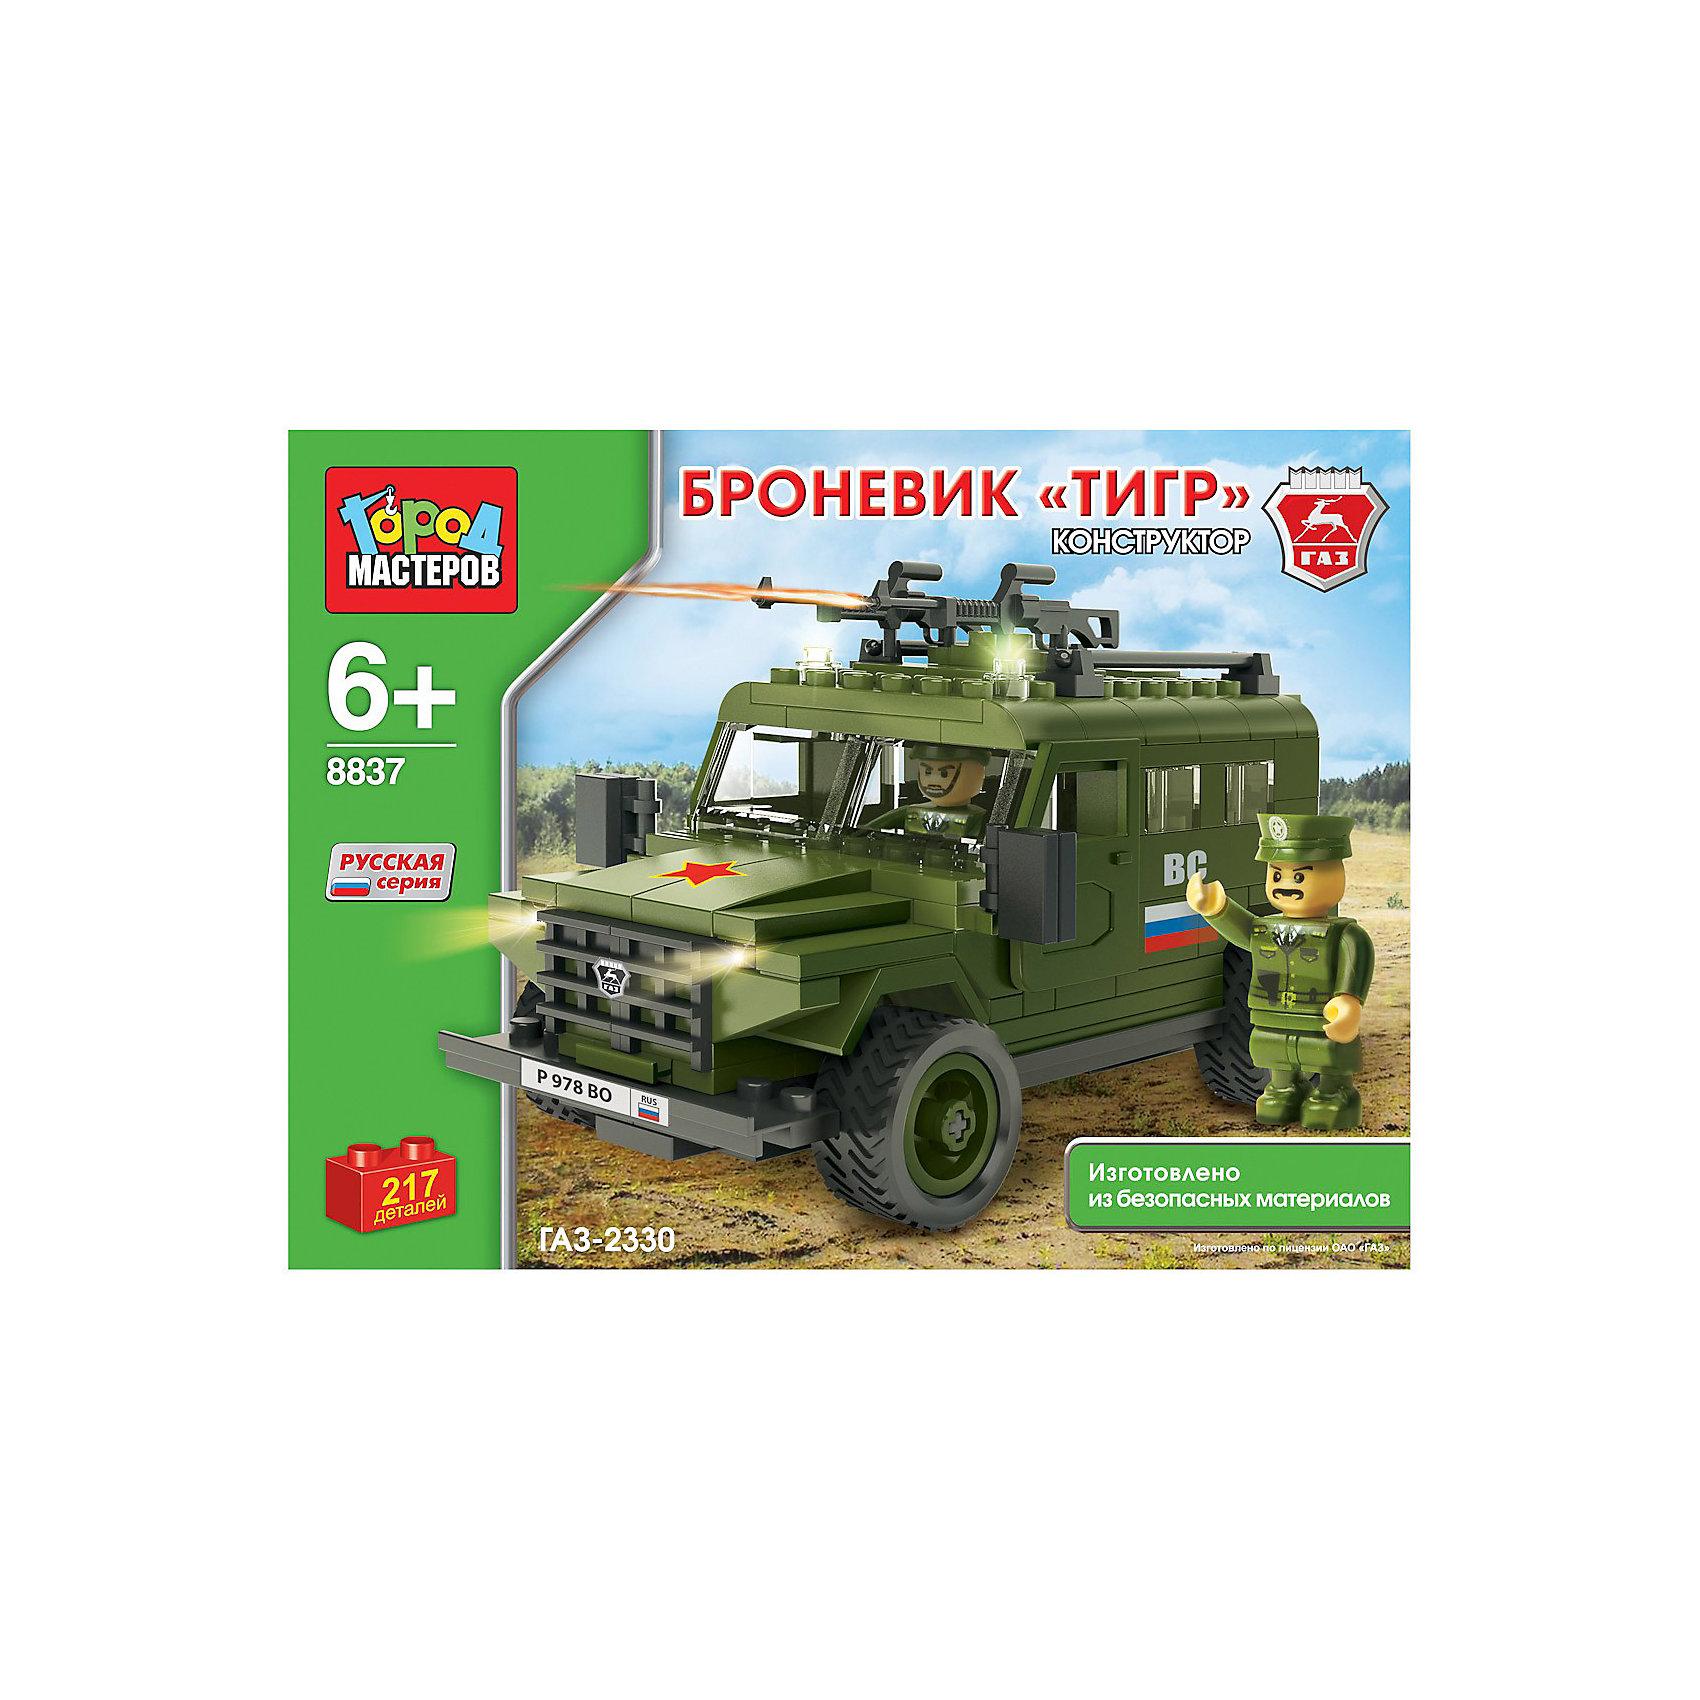 Конструктор ГАЗ-2330 Броневик